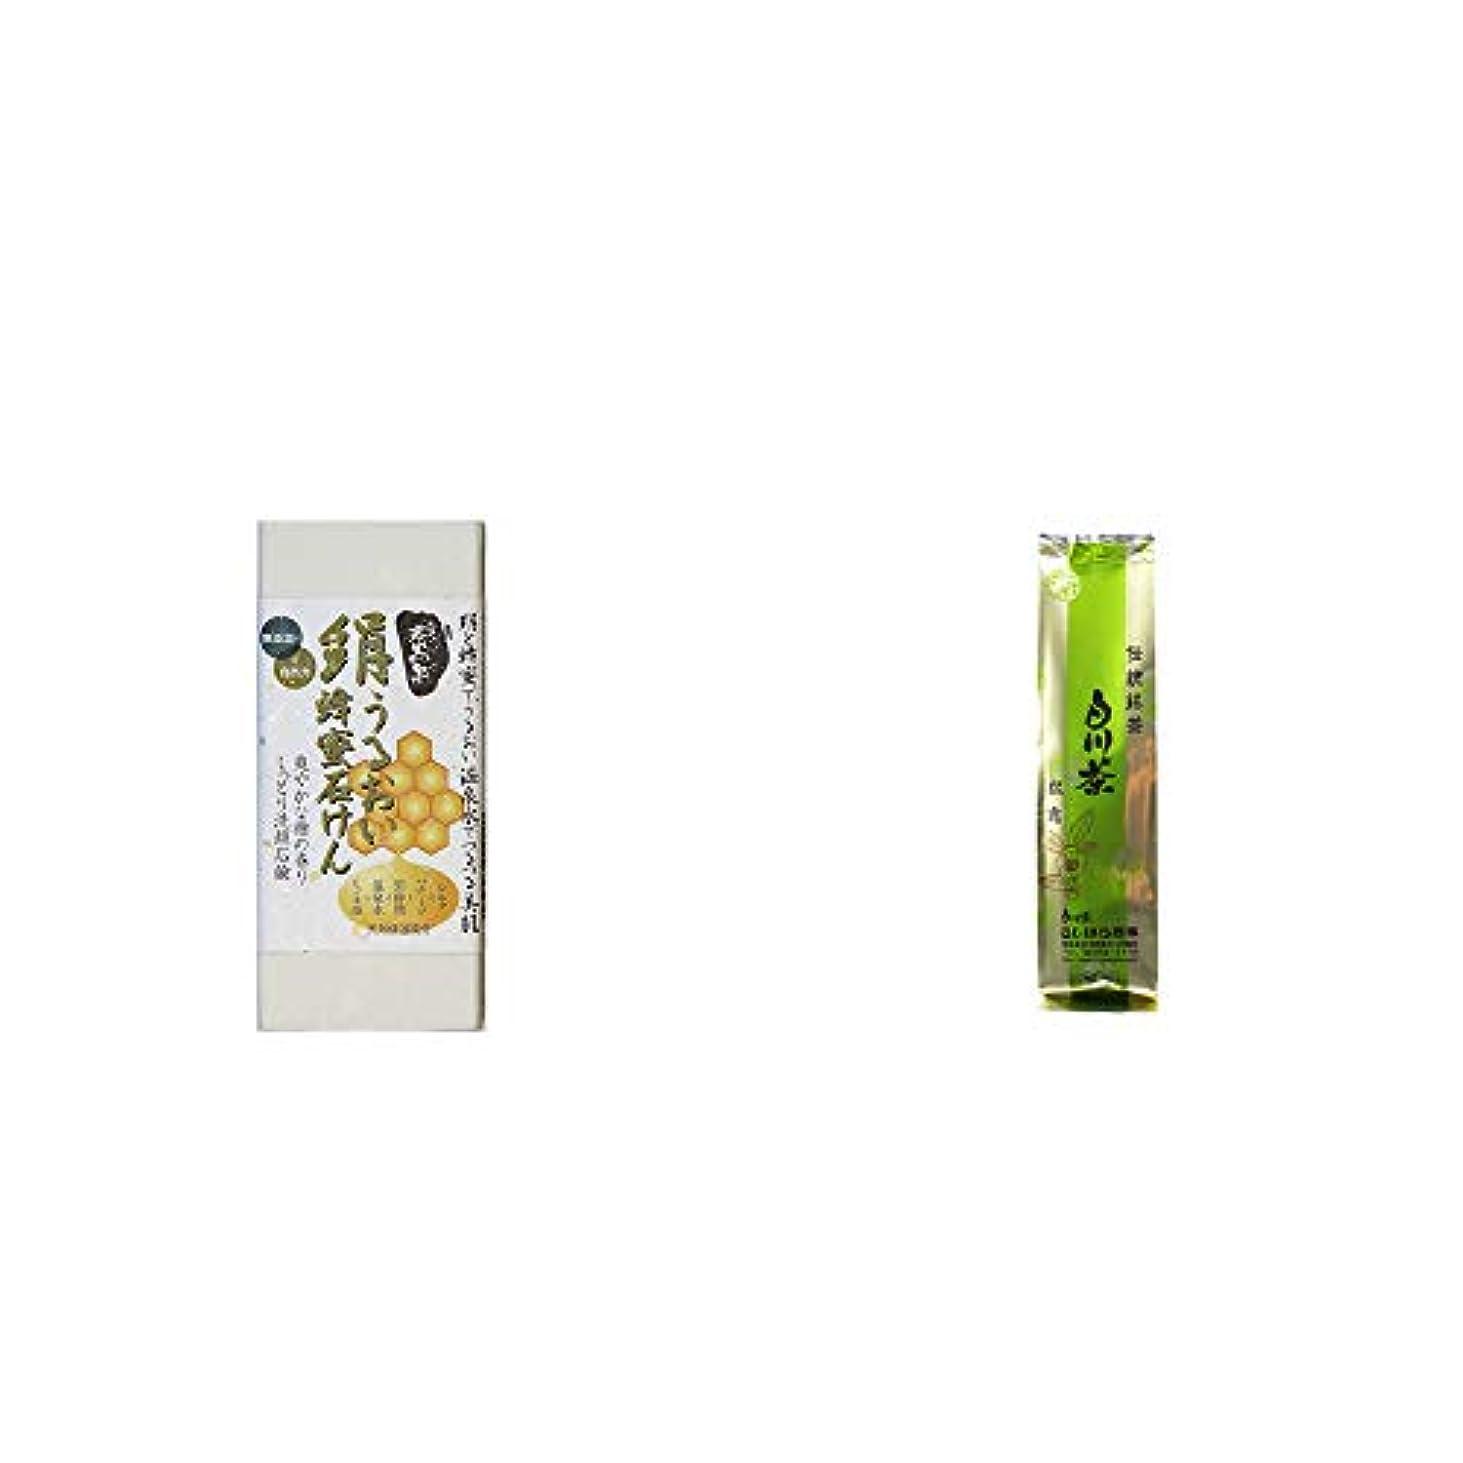 レキシコン周り組み合わせる[2点セット] ひのき炭黒泉 絹うるおい蜂蜜石けん(75g×2)?白川茶 伝統銘茶【松露】(180g)